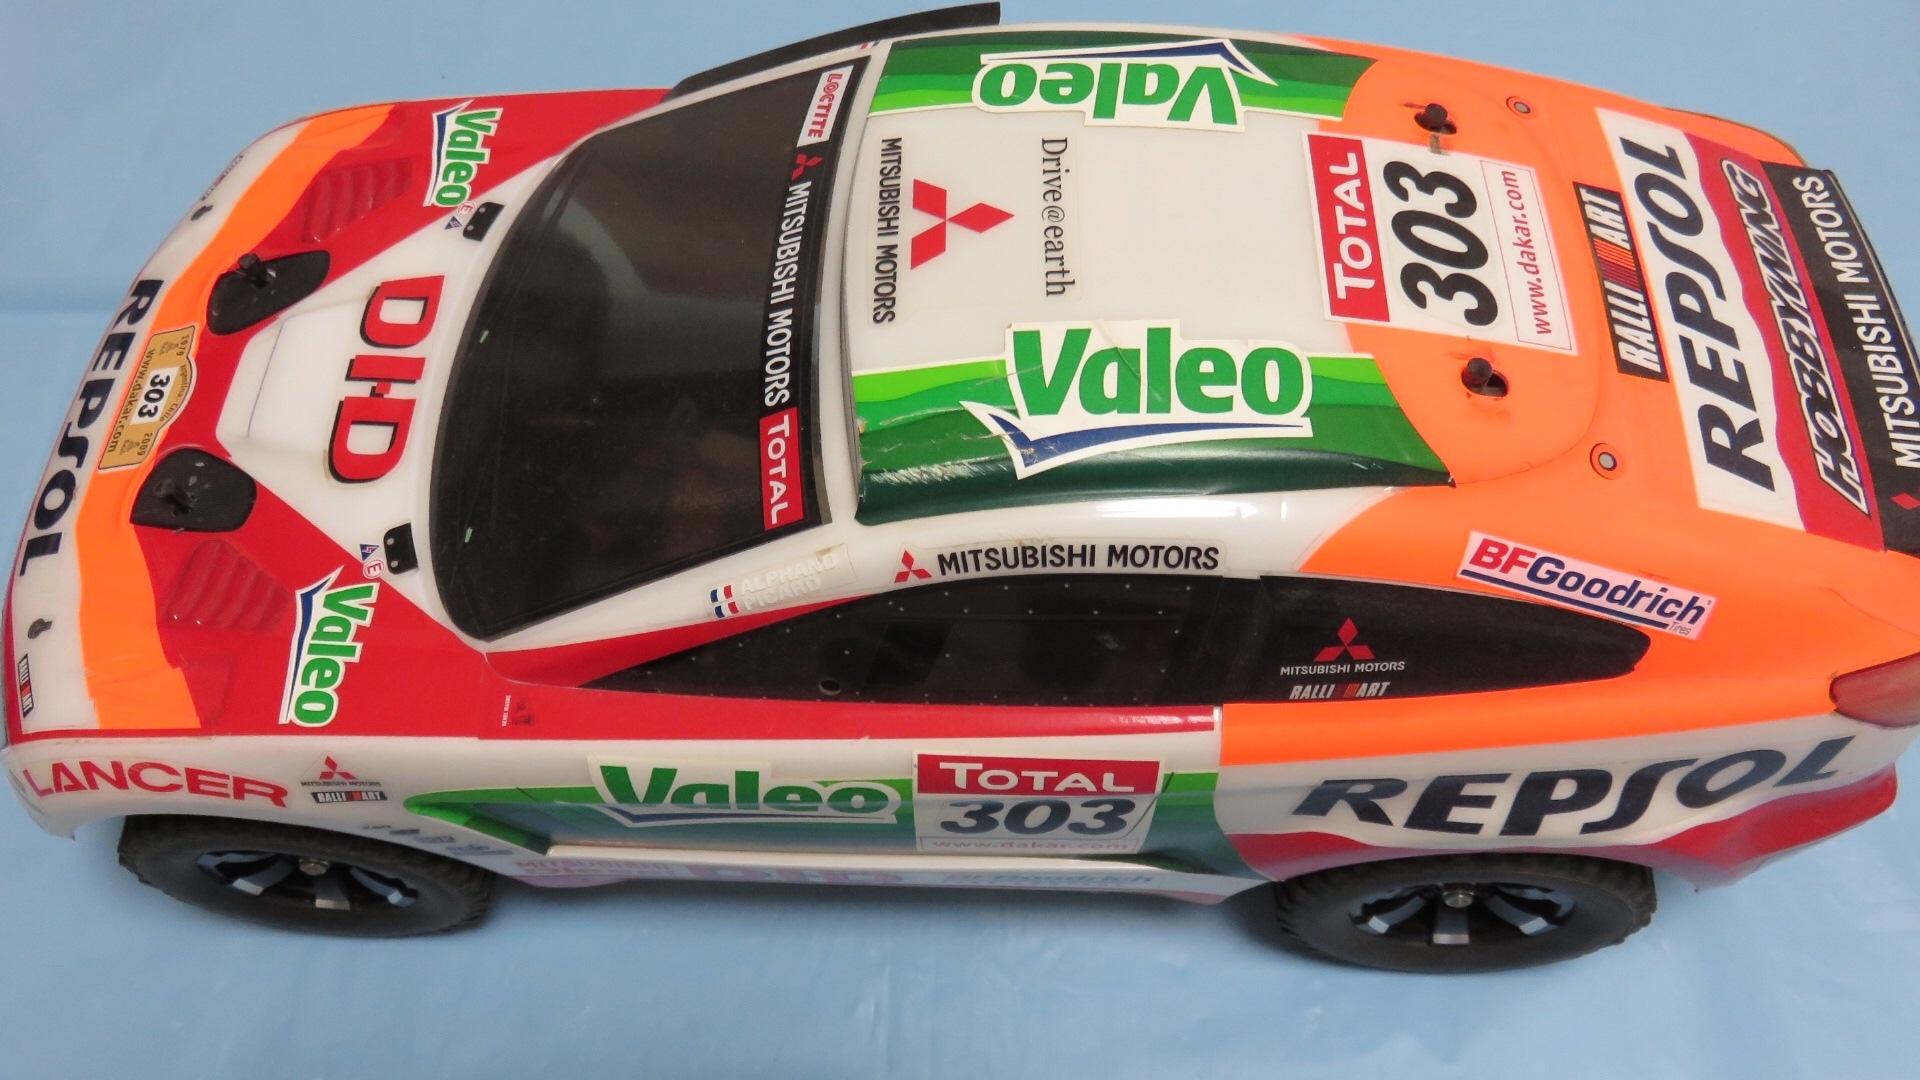 レーシングランサー-10